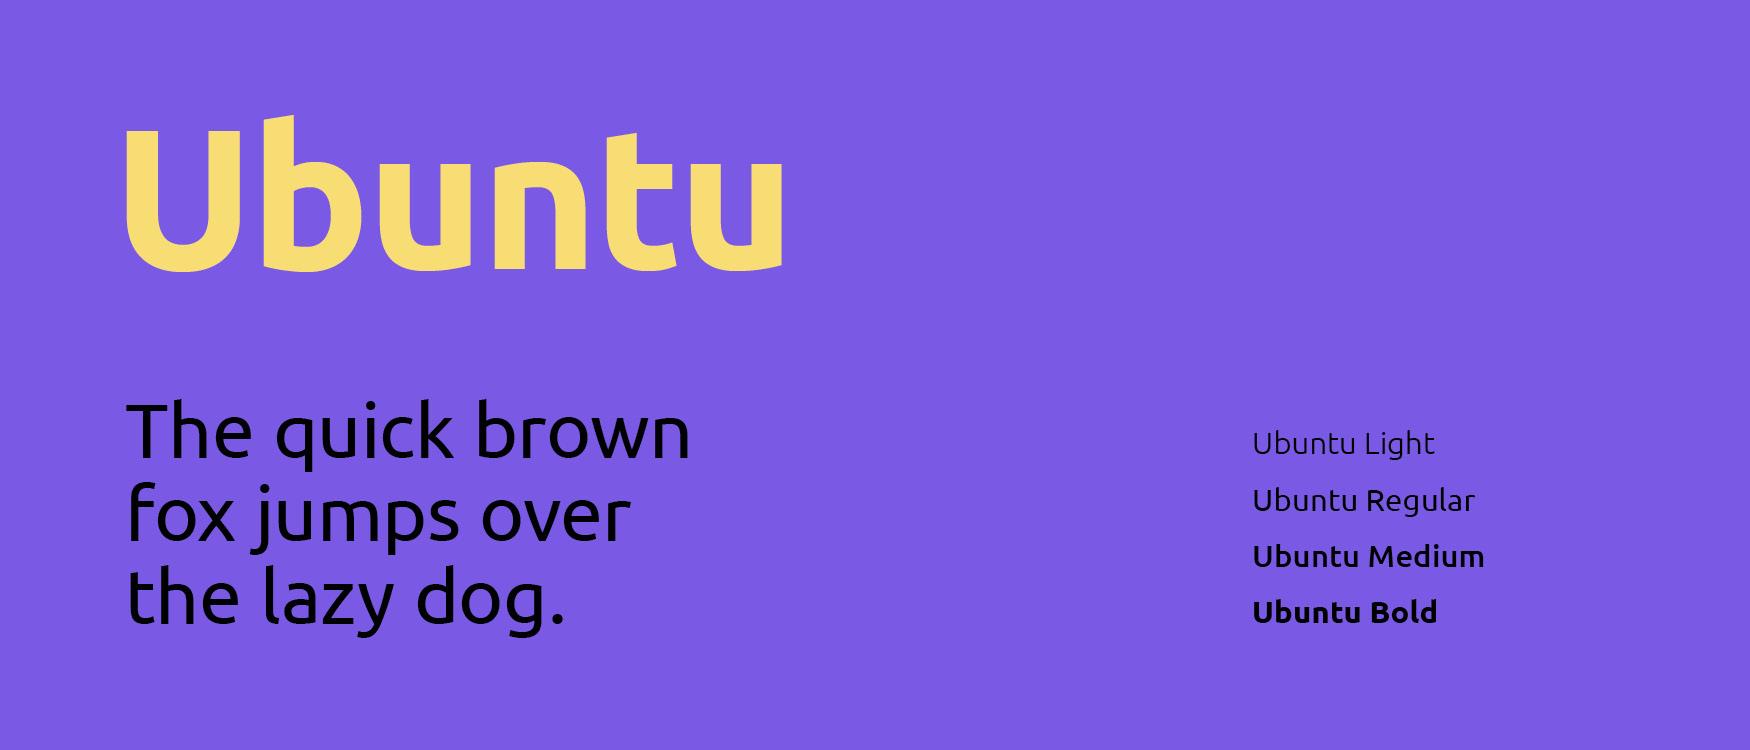 Ubuntu Google Fonts Web Fonts